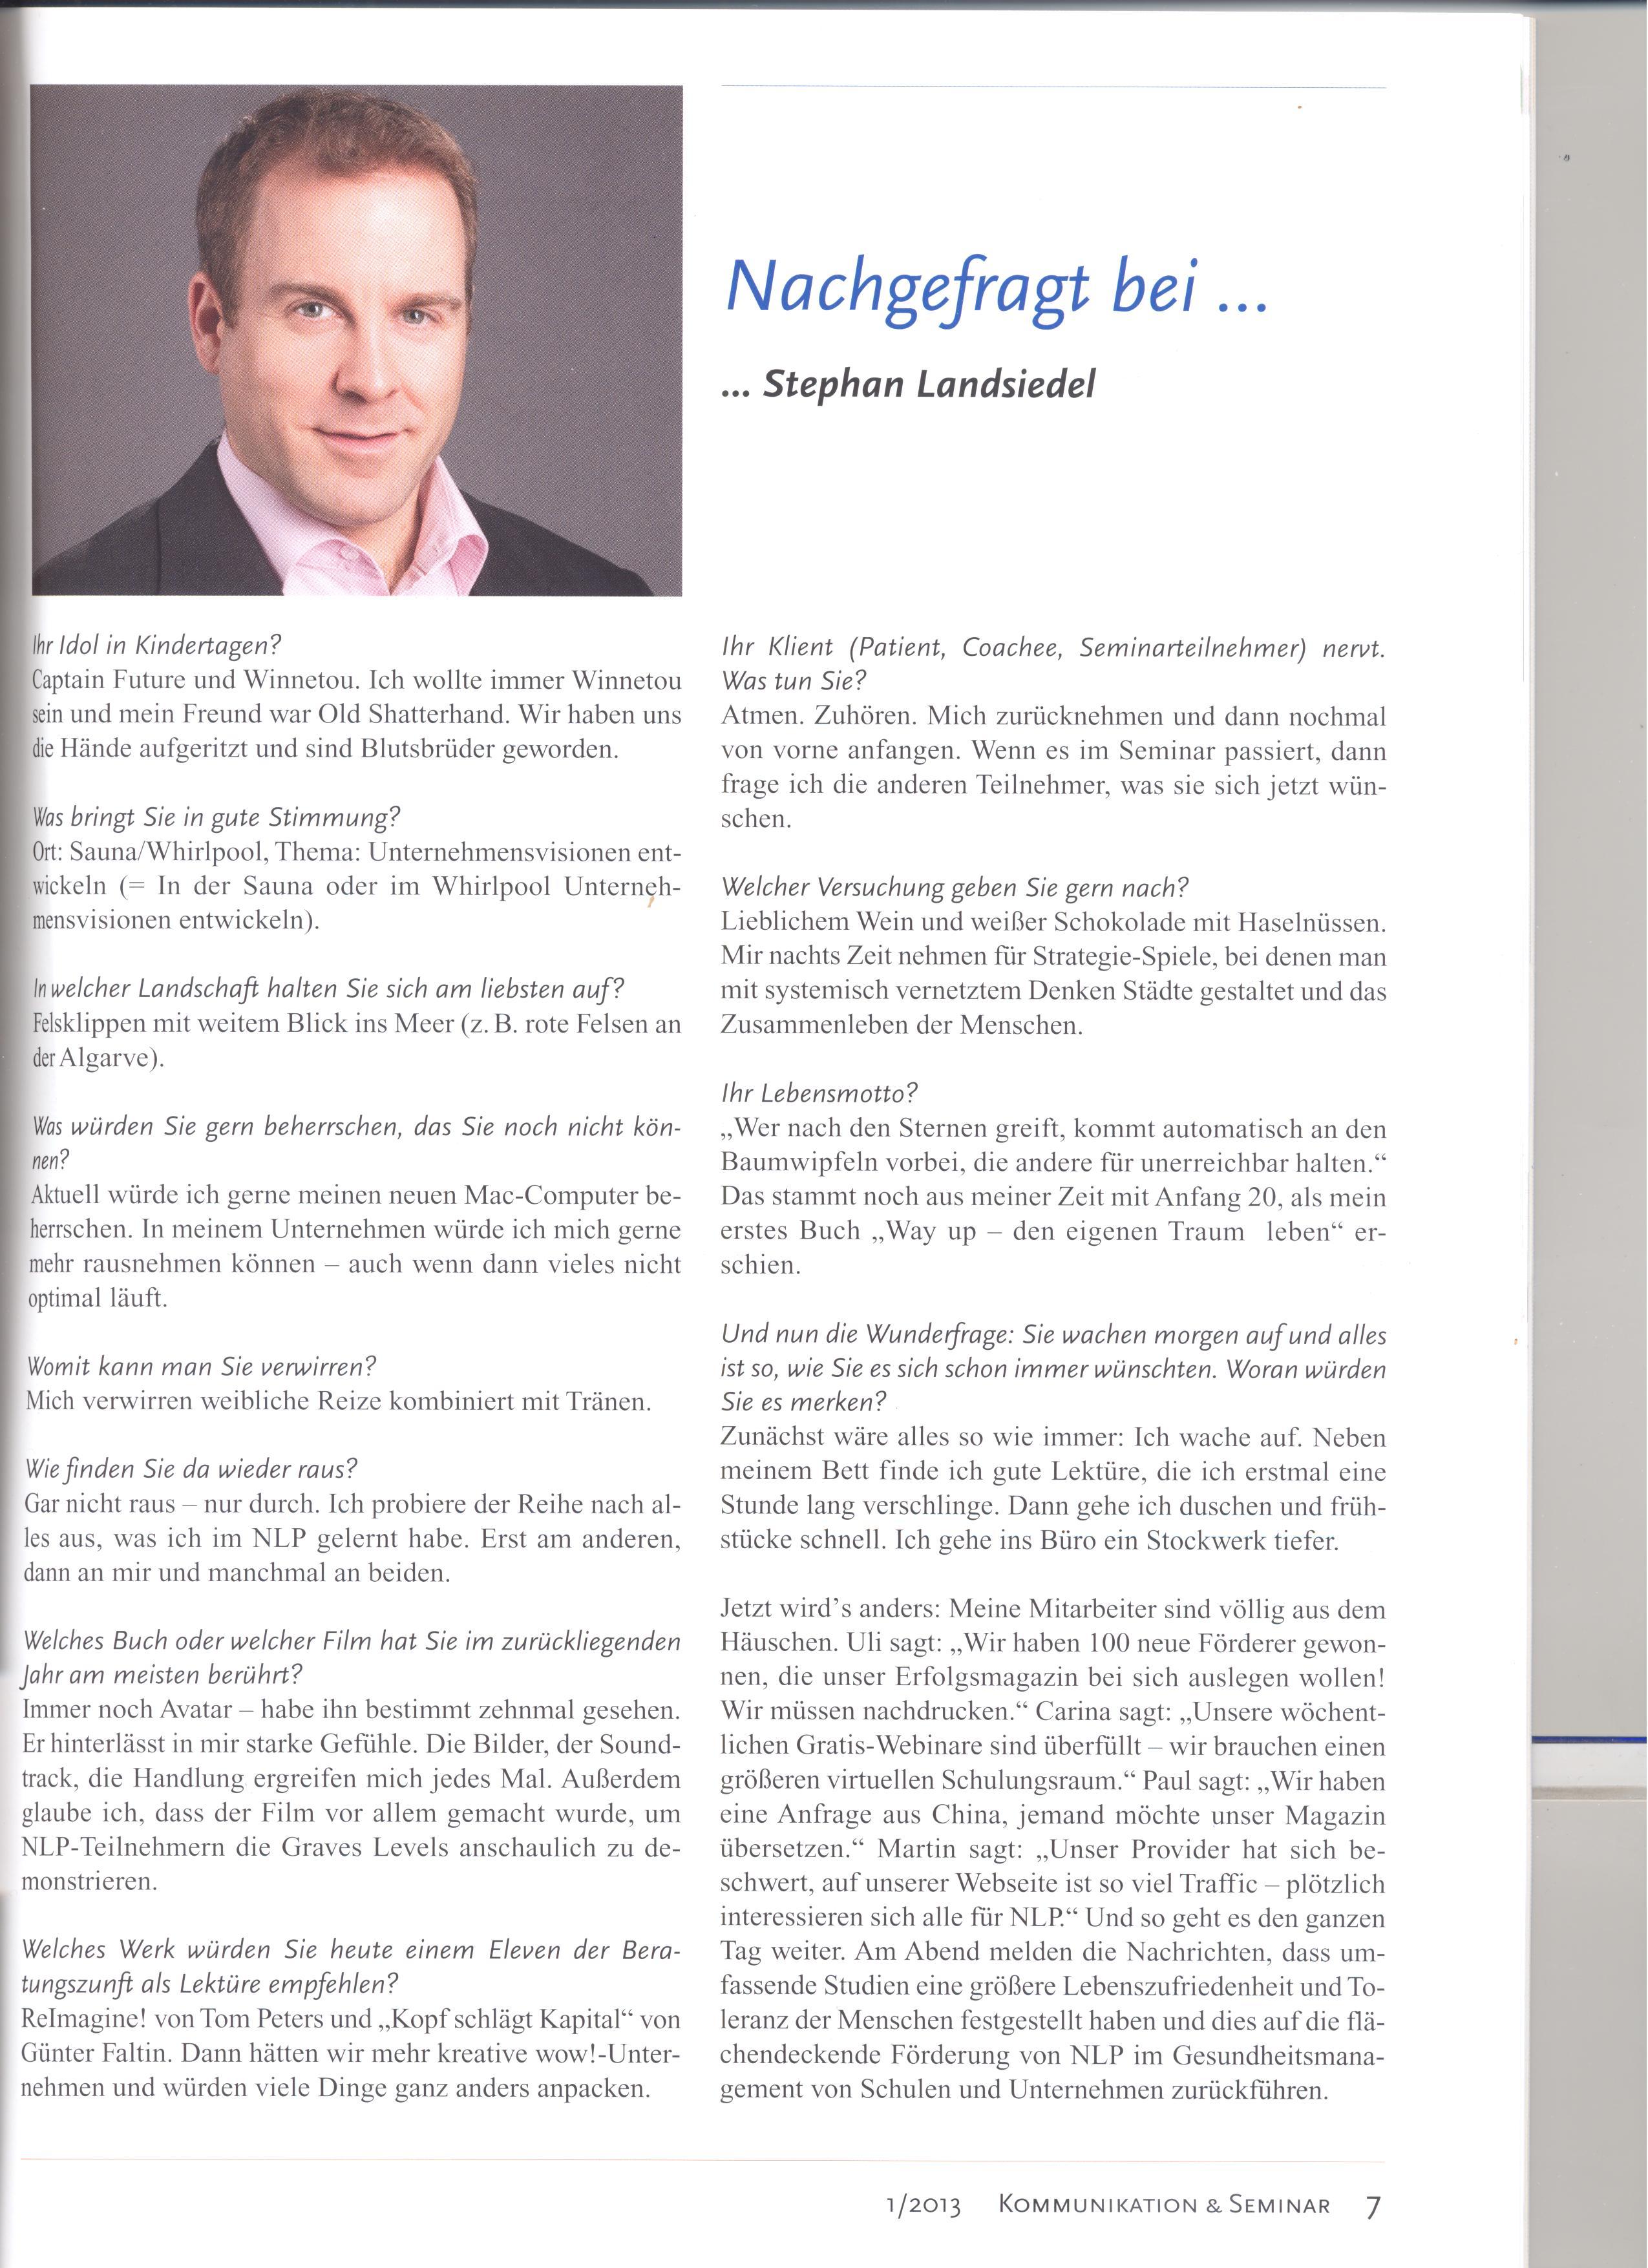 Artikel in Zeitschrift 'Kommunikation & Seminar'